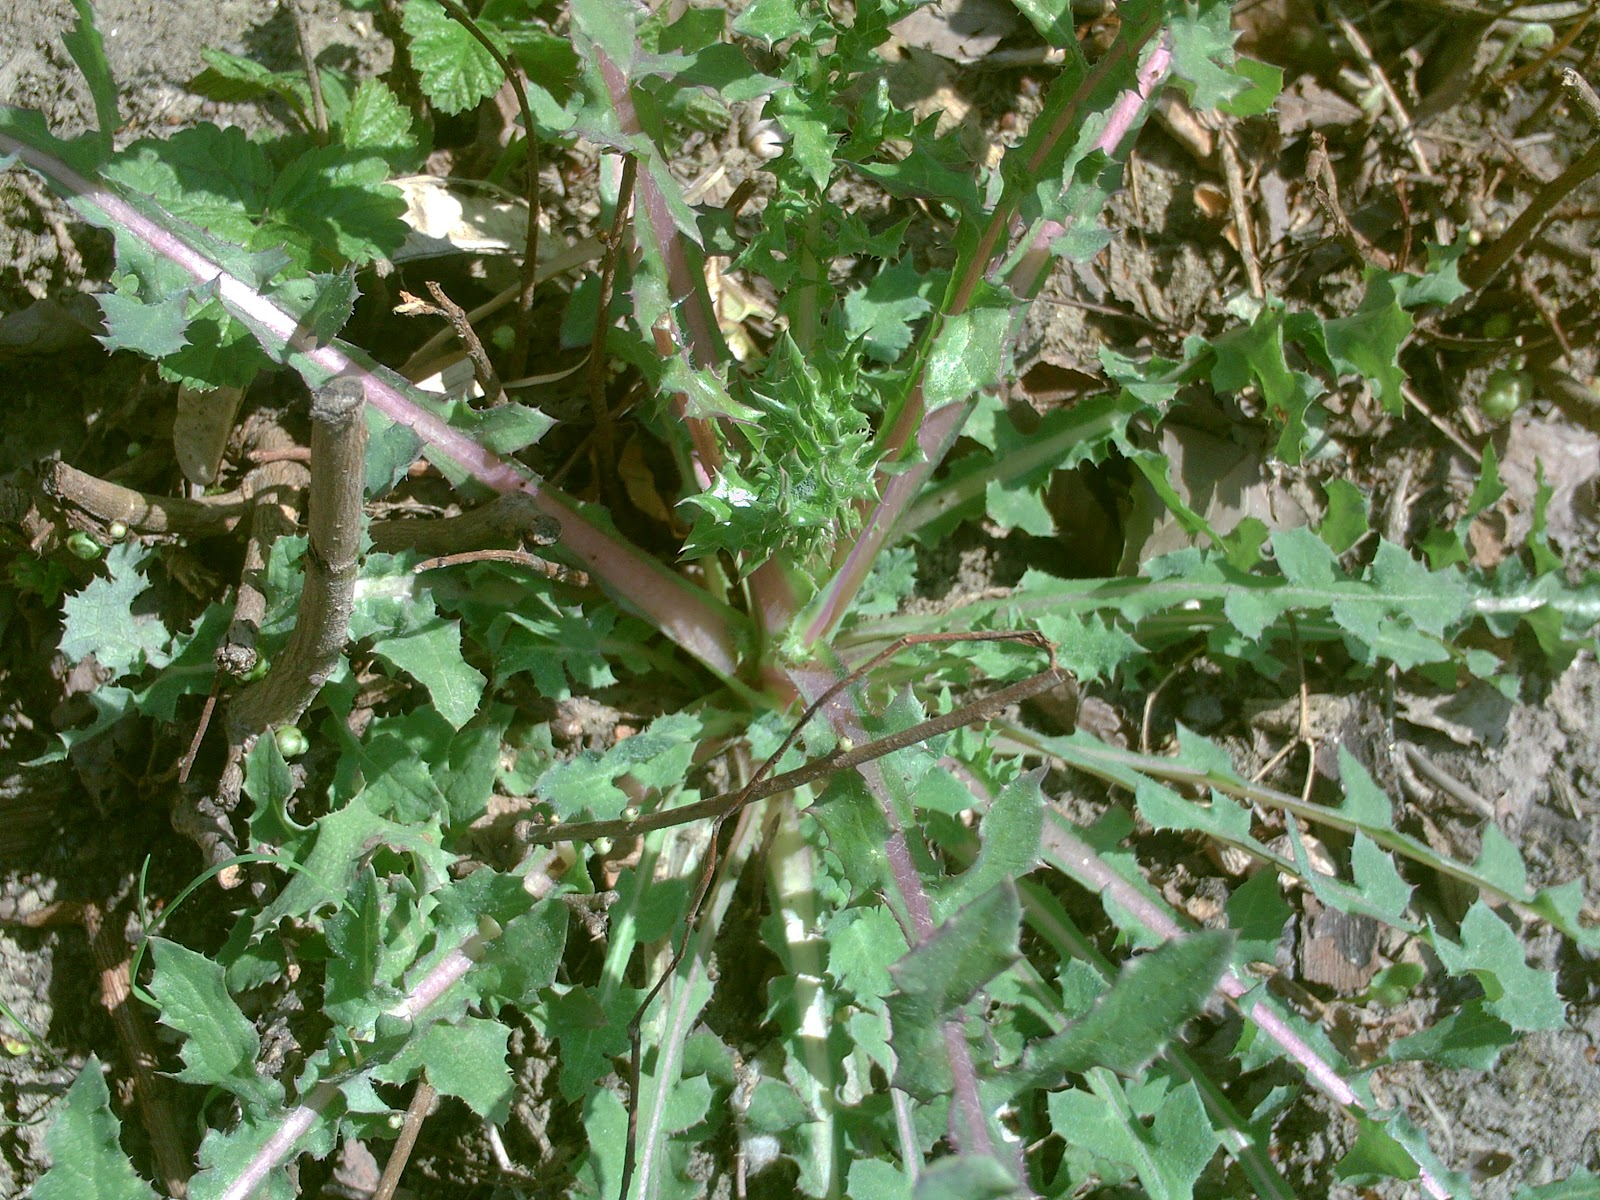 piccoli frutti piante selvatiche commestibili